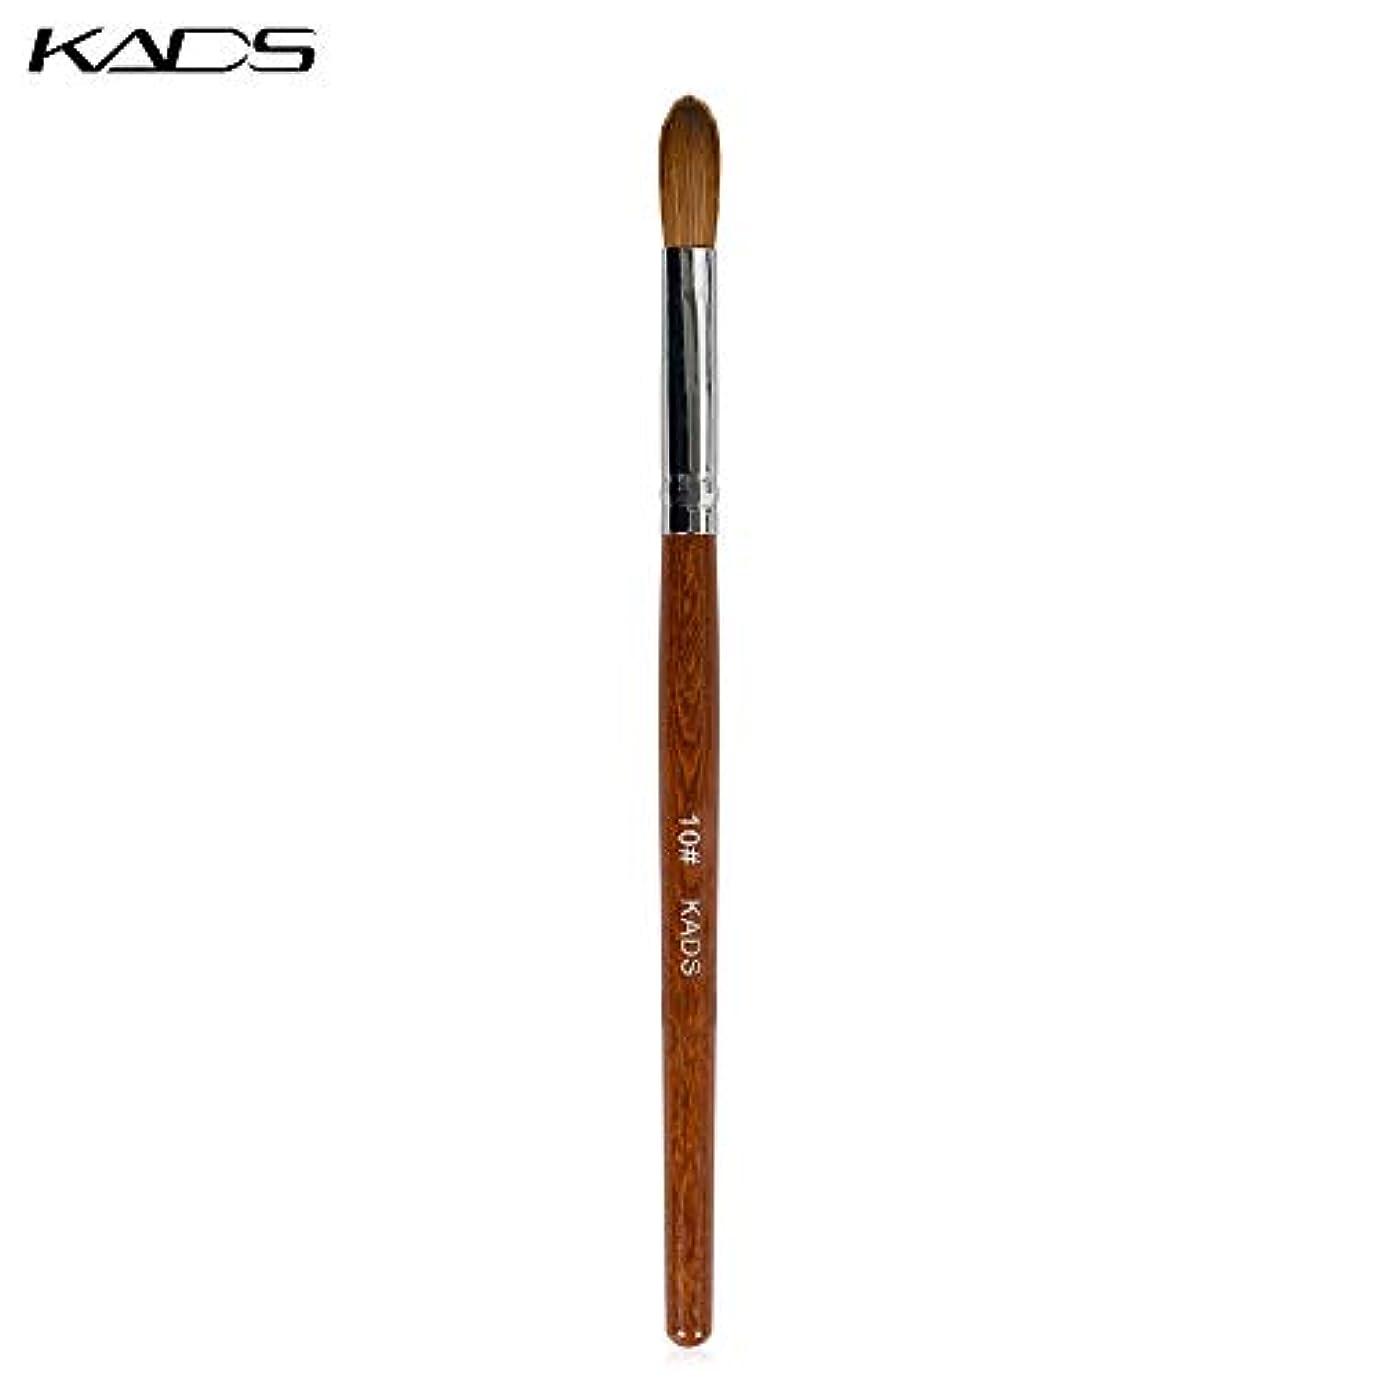 する必要があるピカソ一口KADS ネイルブラシ 10# ジェルネイル用筆 アクリルネイルブラシ ネイルアート専用筆(10#)